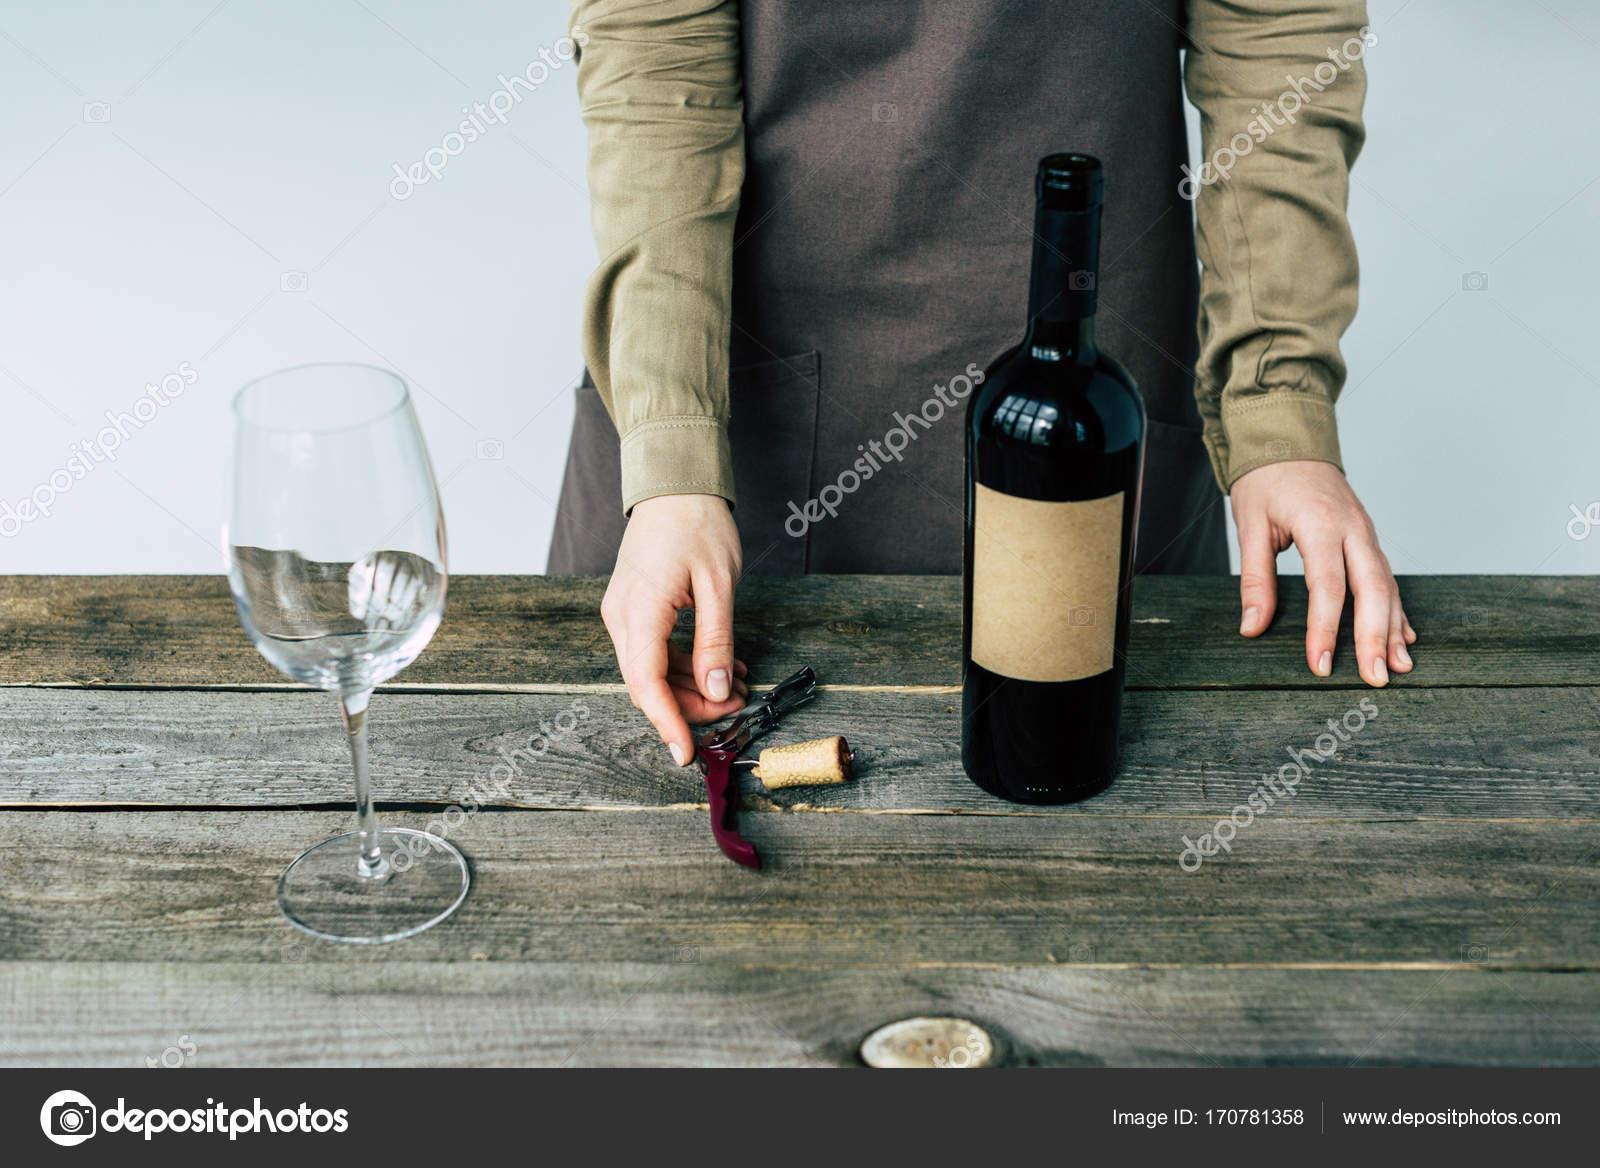 debout sommelier ouvre bouteille de vin photographie y boychenko 170781358. Black Bedroom Furniture Sets. Home Design Ideas